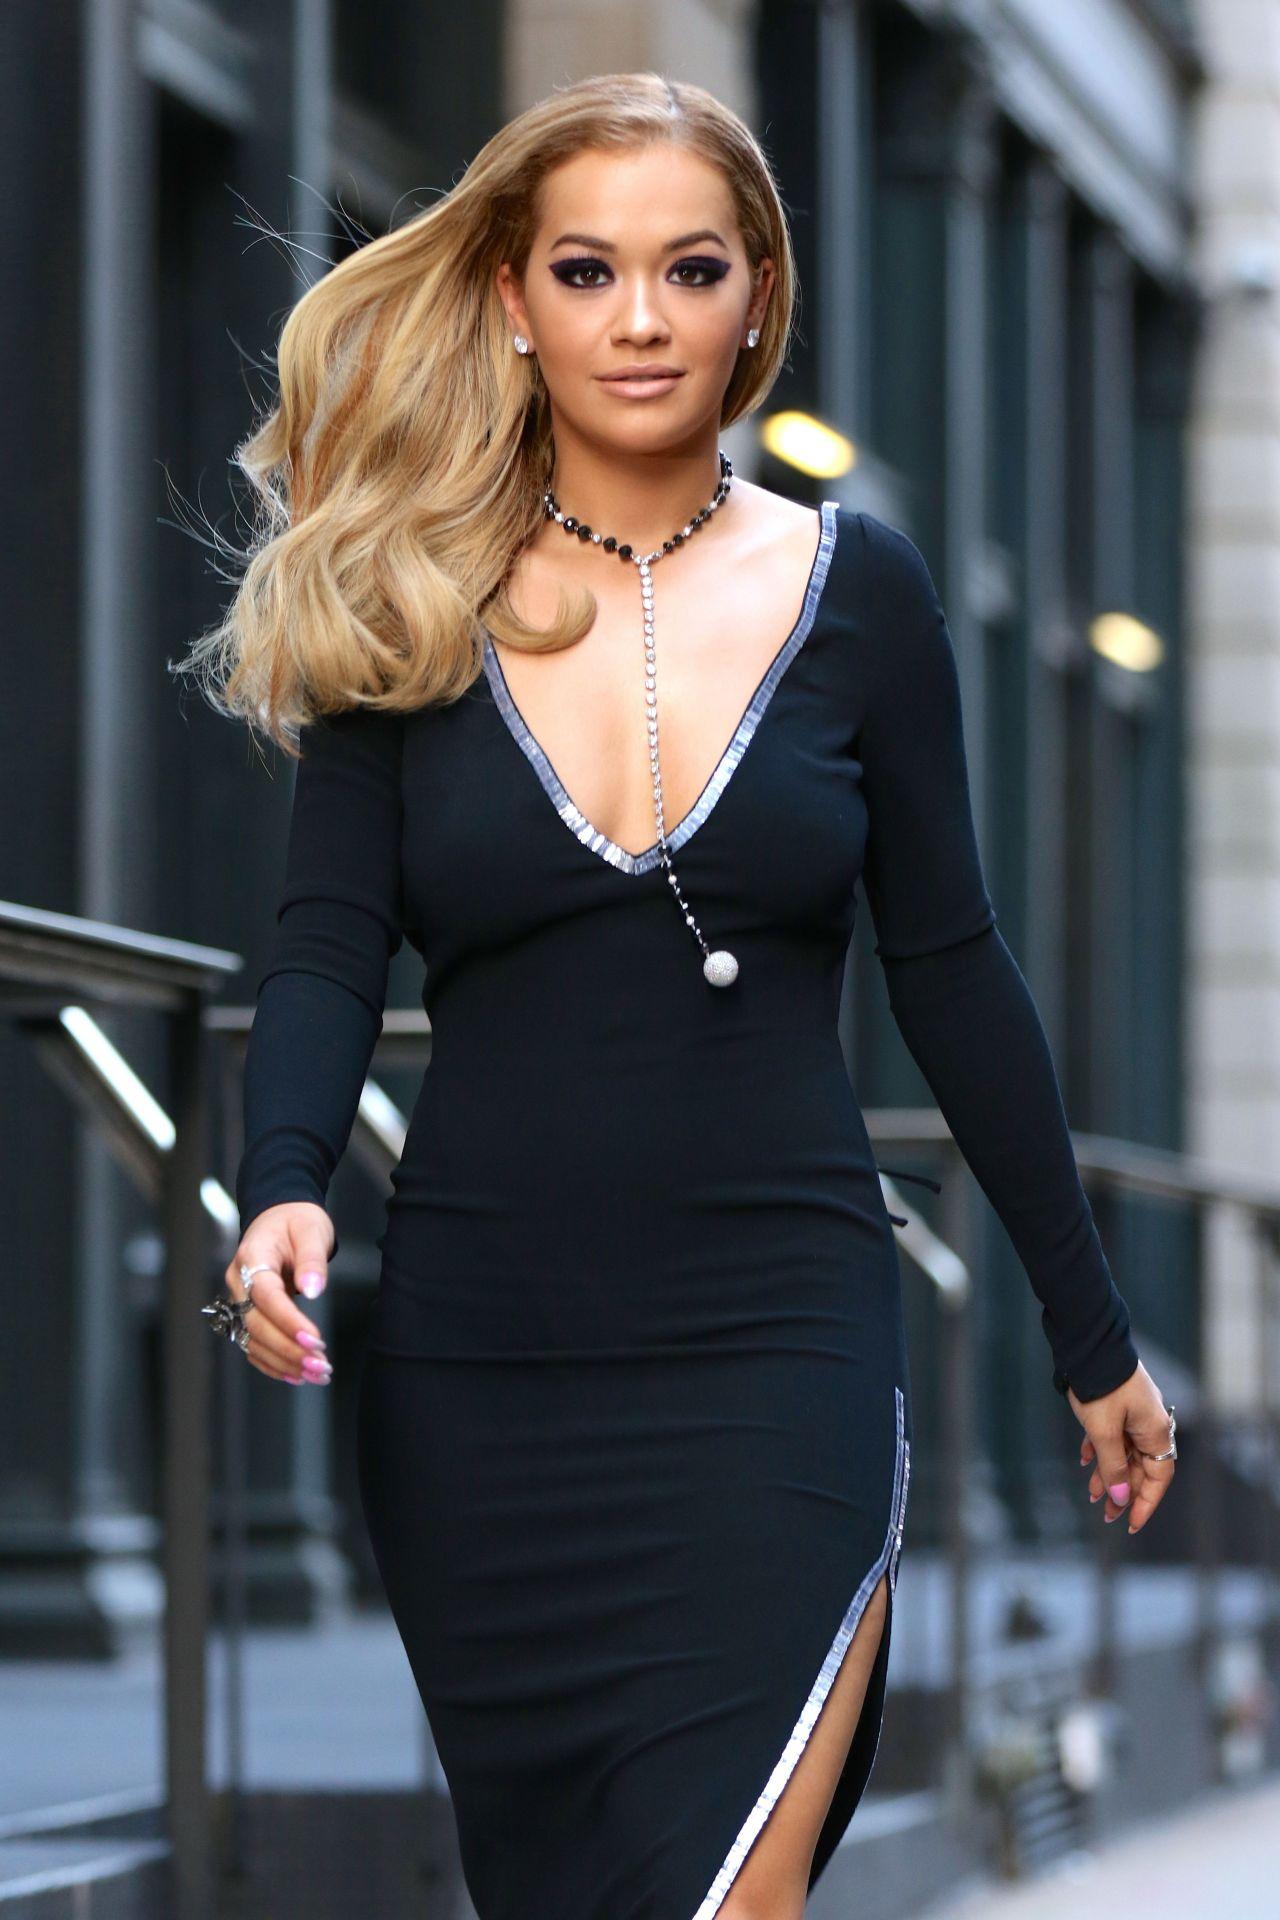 Rita Ora Classy Fashion - Filming For America's Next Top ...